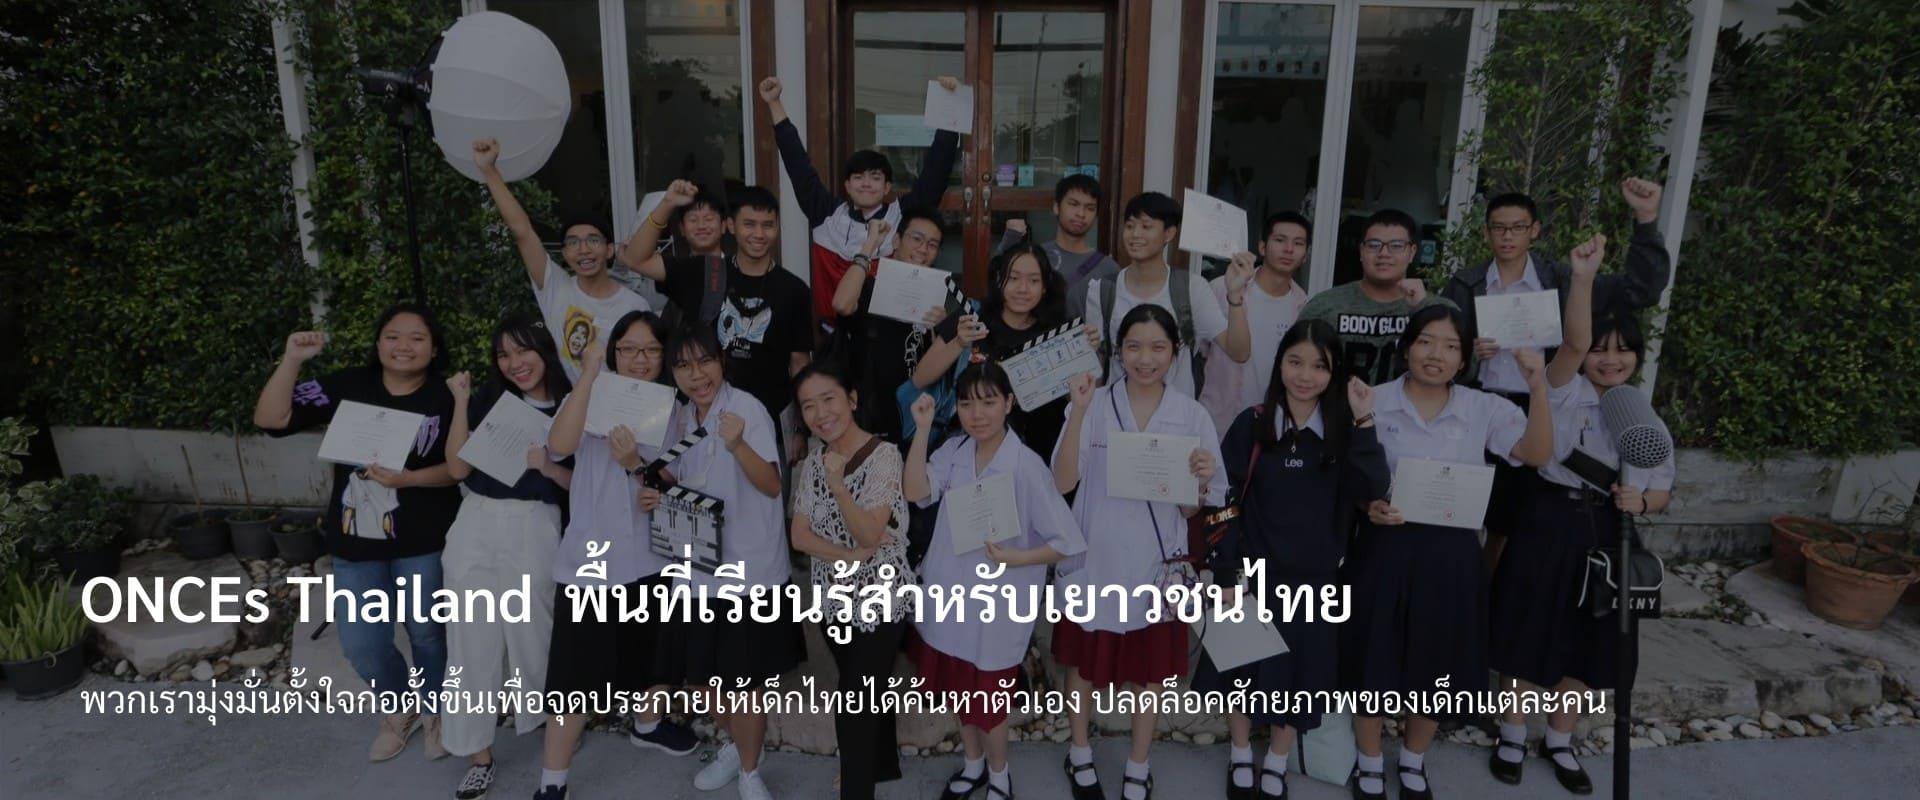 ONCEs Thailand (1)